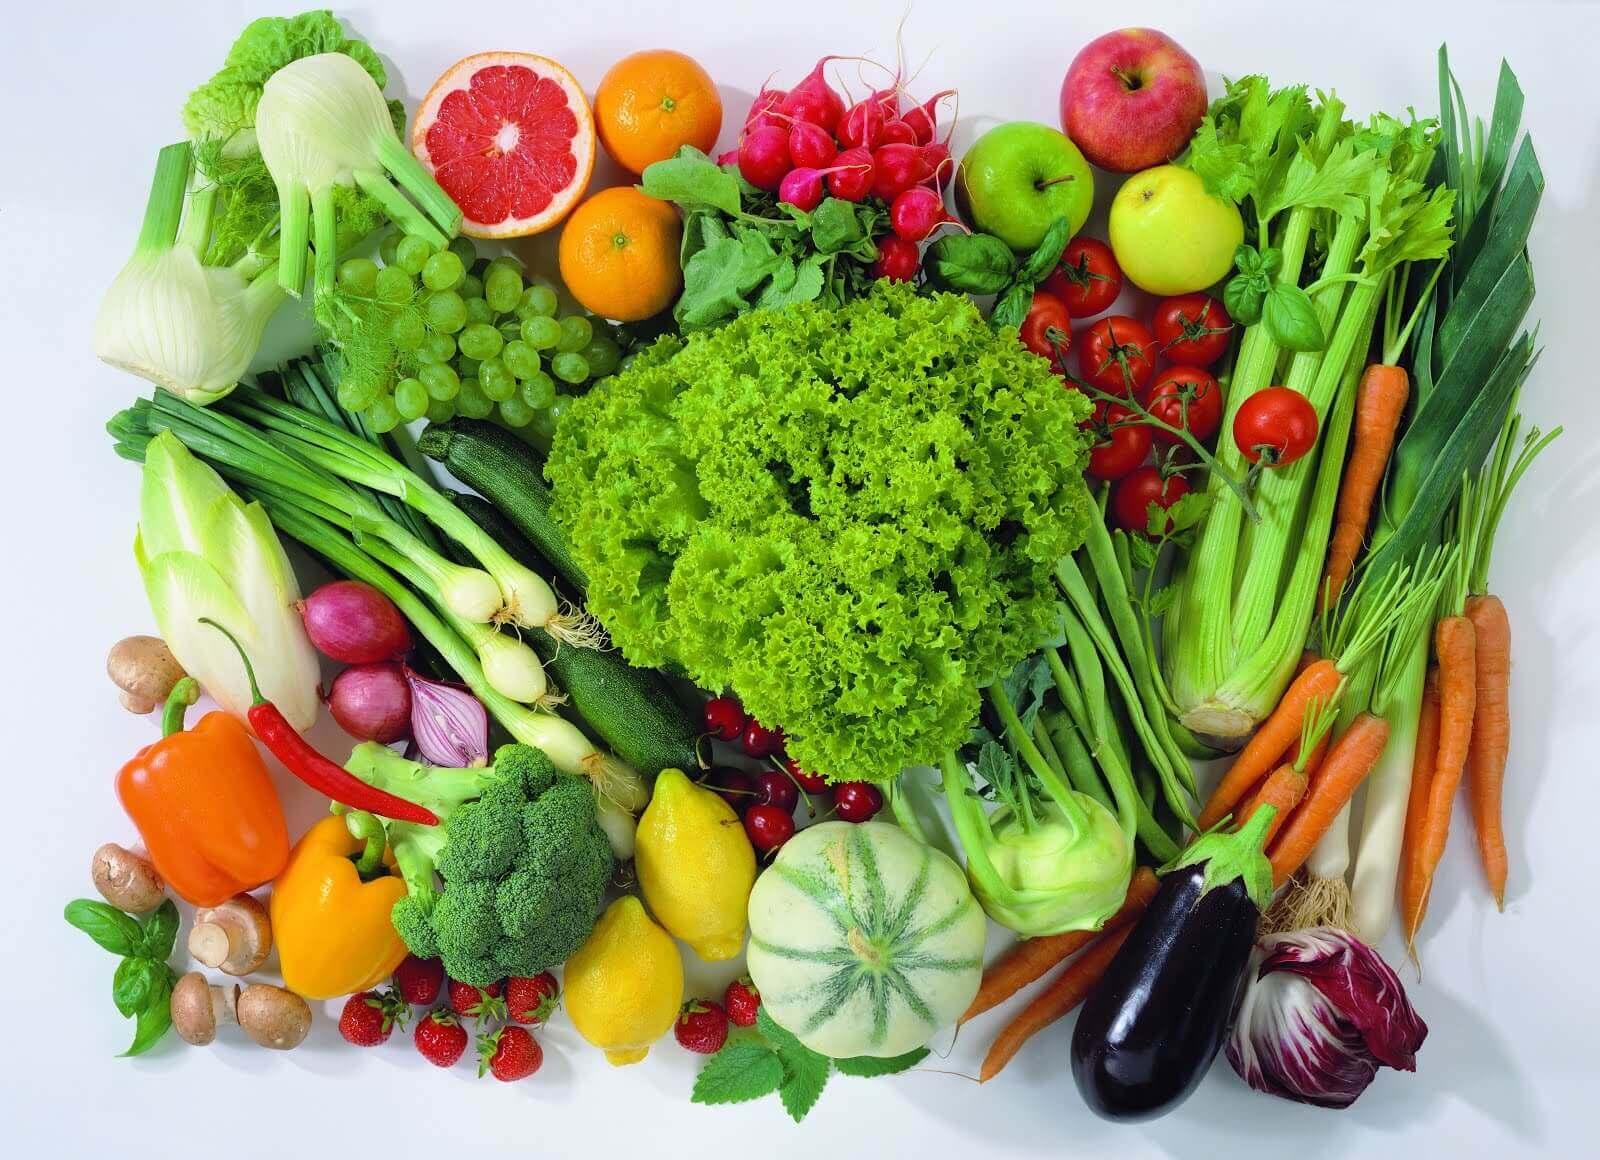 Frutta e verdura colorata.